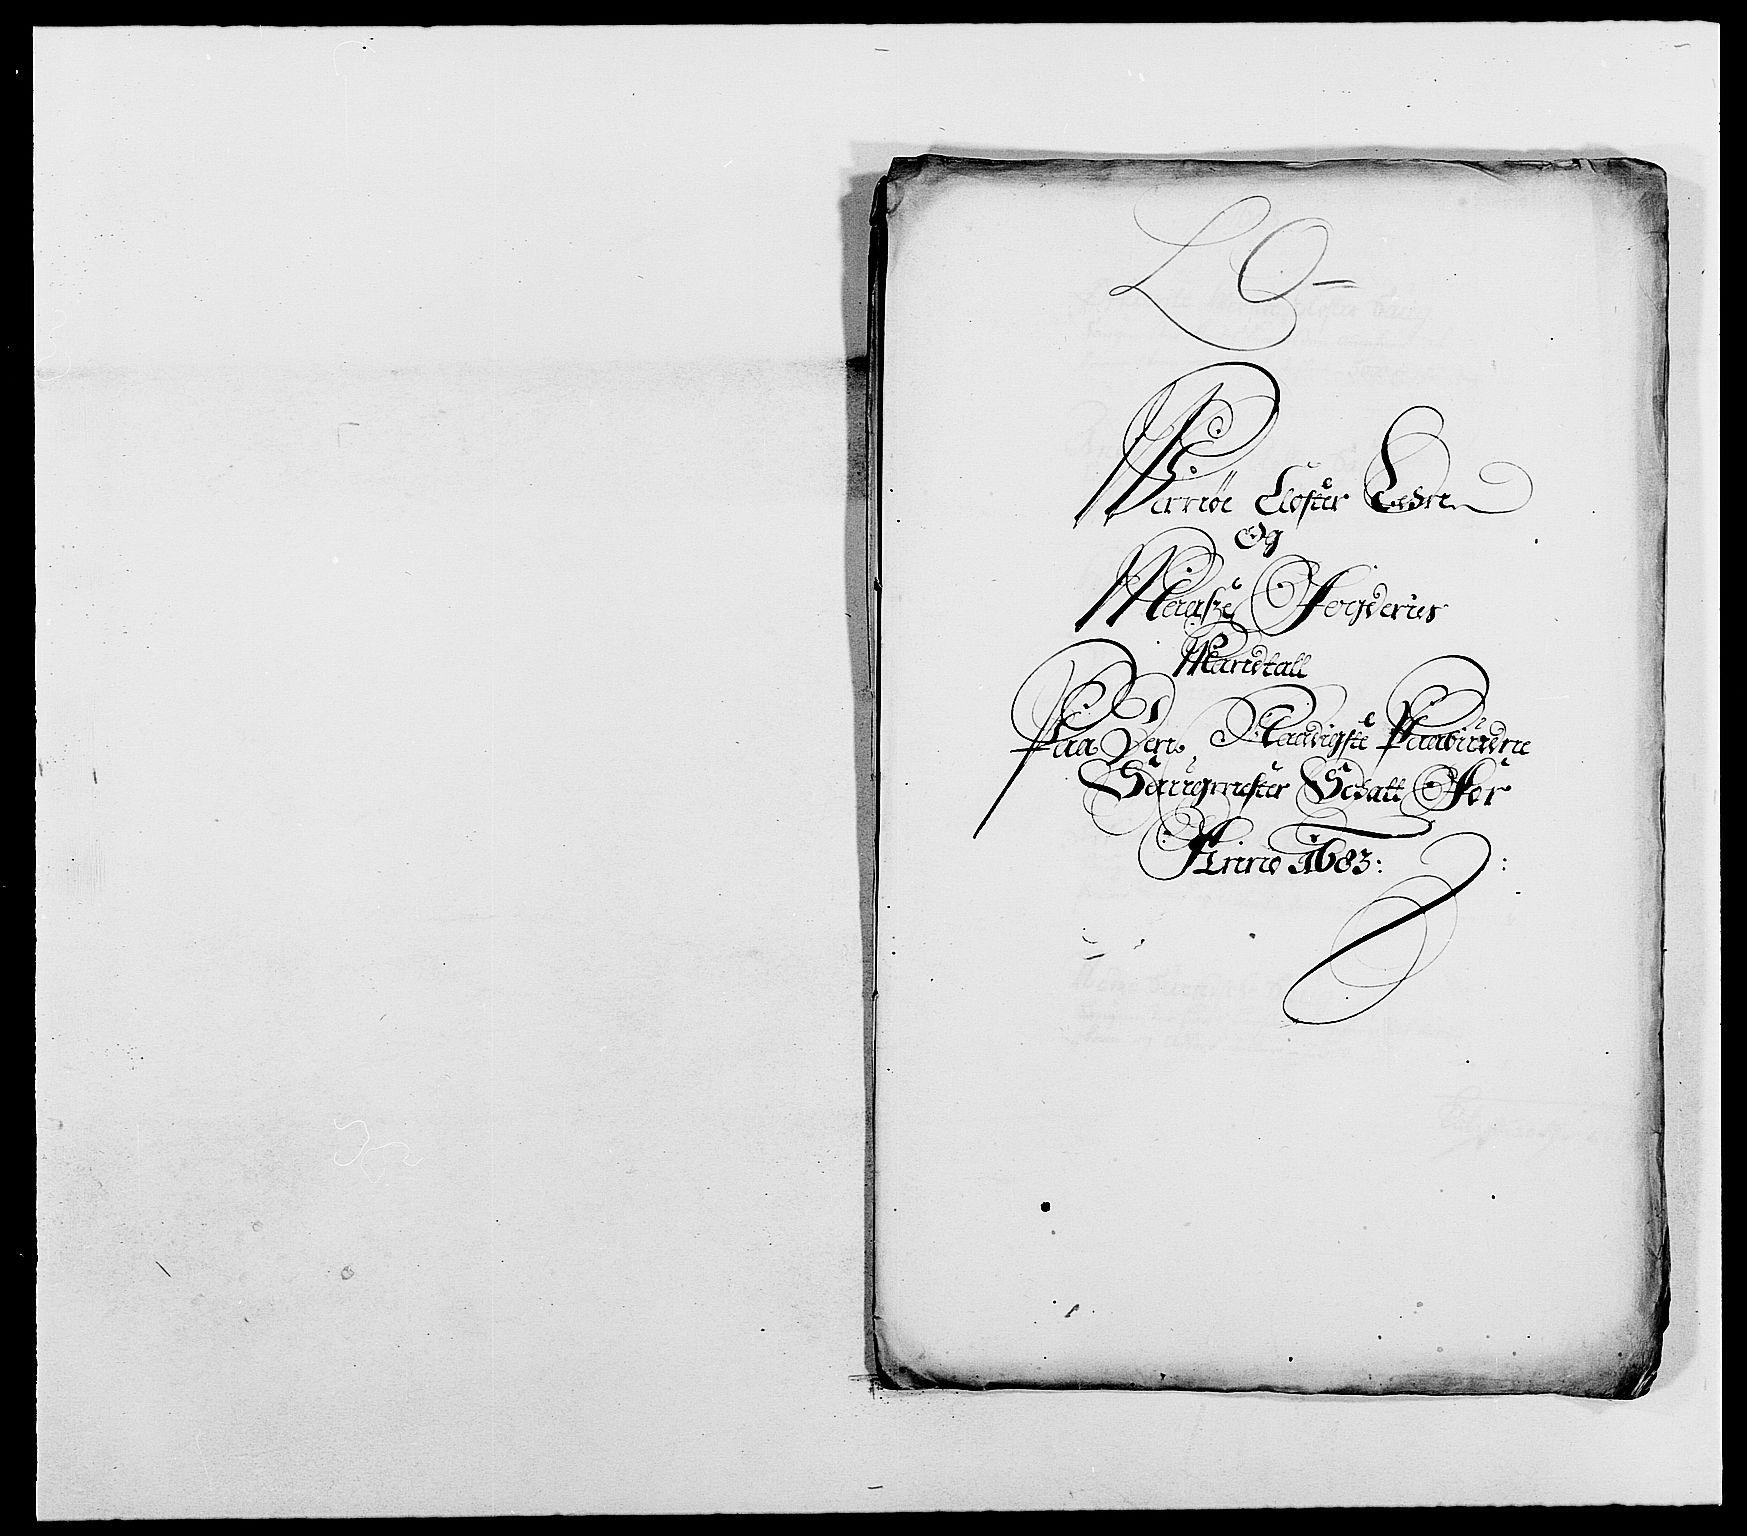 RA, Rentekammeret inntil 1814, Reviderte regnskaper, Fogderegnskap, R02/L0103: Fogderegnskap Moss og Verne kloster, 1682-1684, s. 416